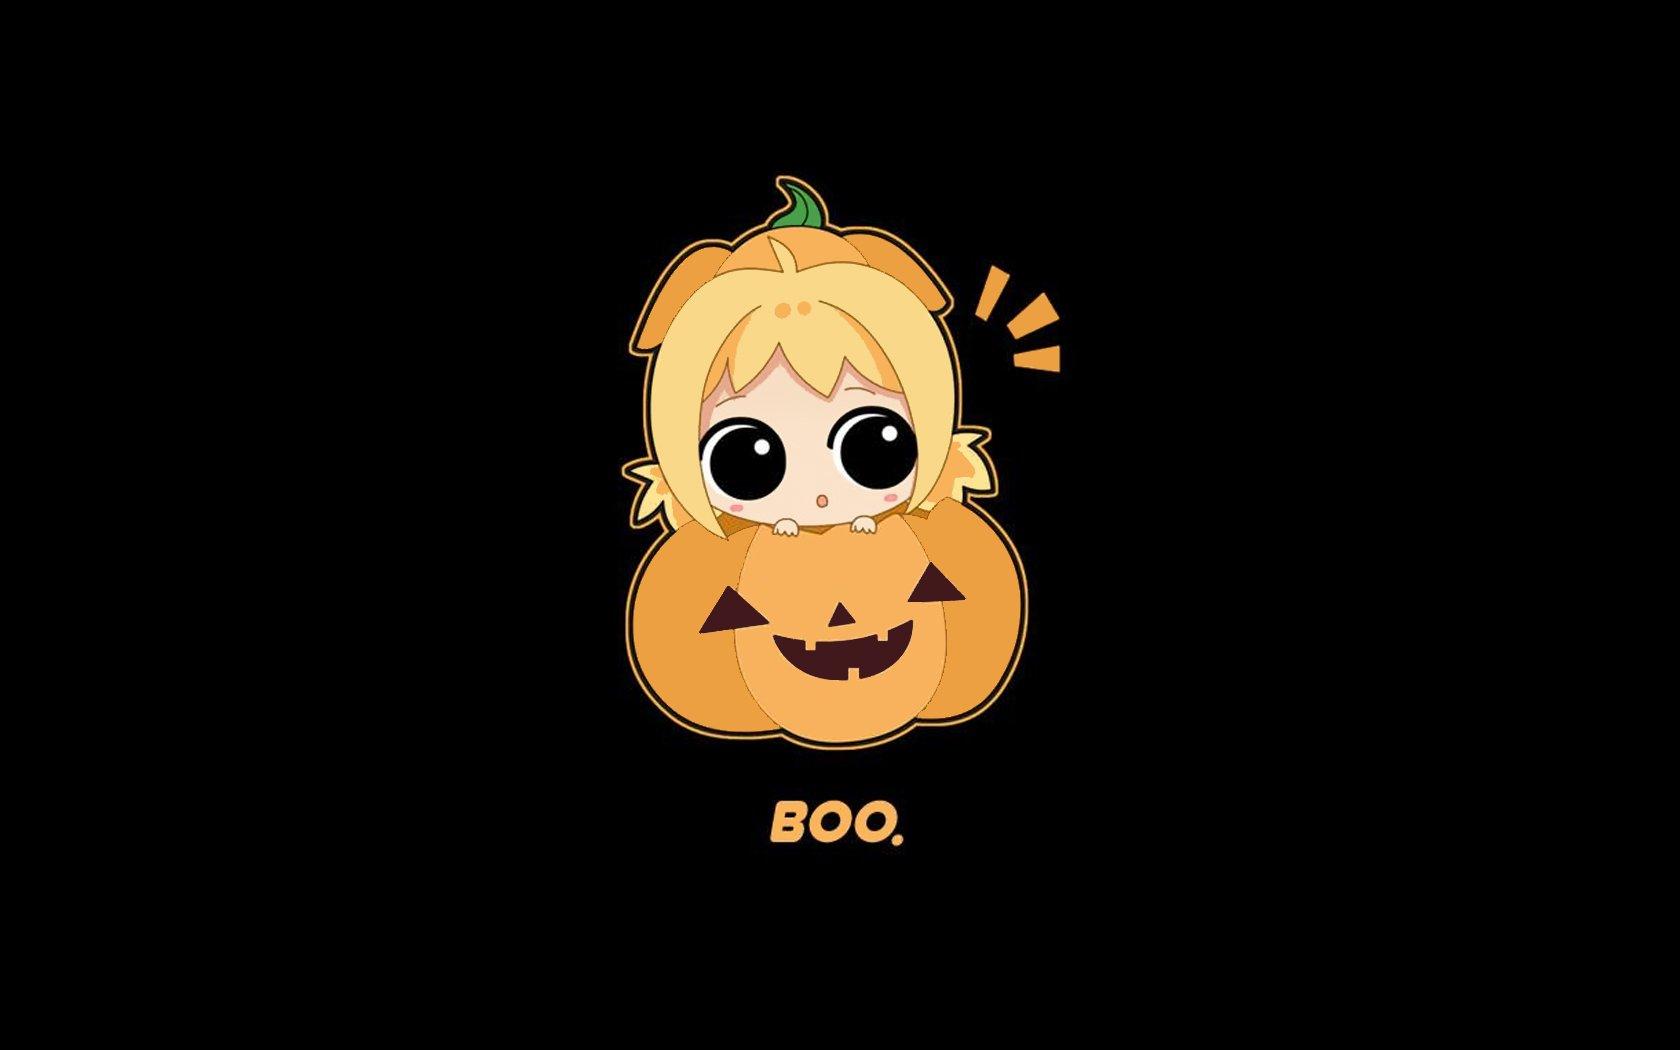 Cute Girl Halloween Wallpaper IPhone 8623 Wallpaper Wallpaper 1680x1050